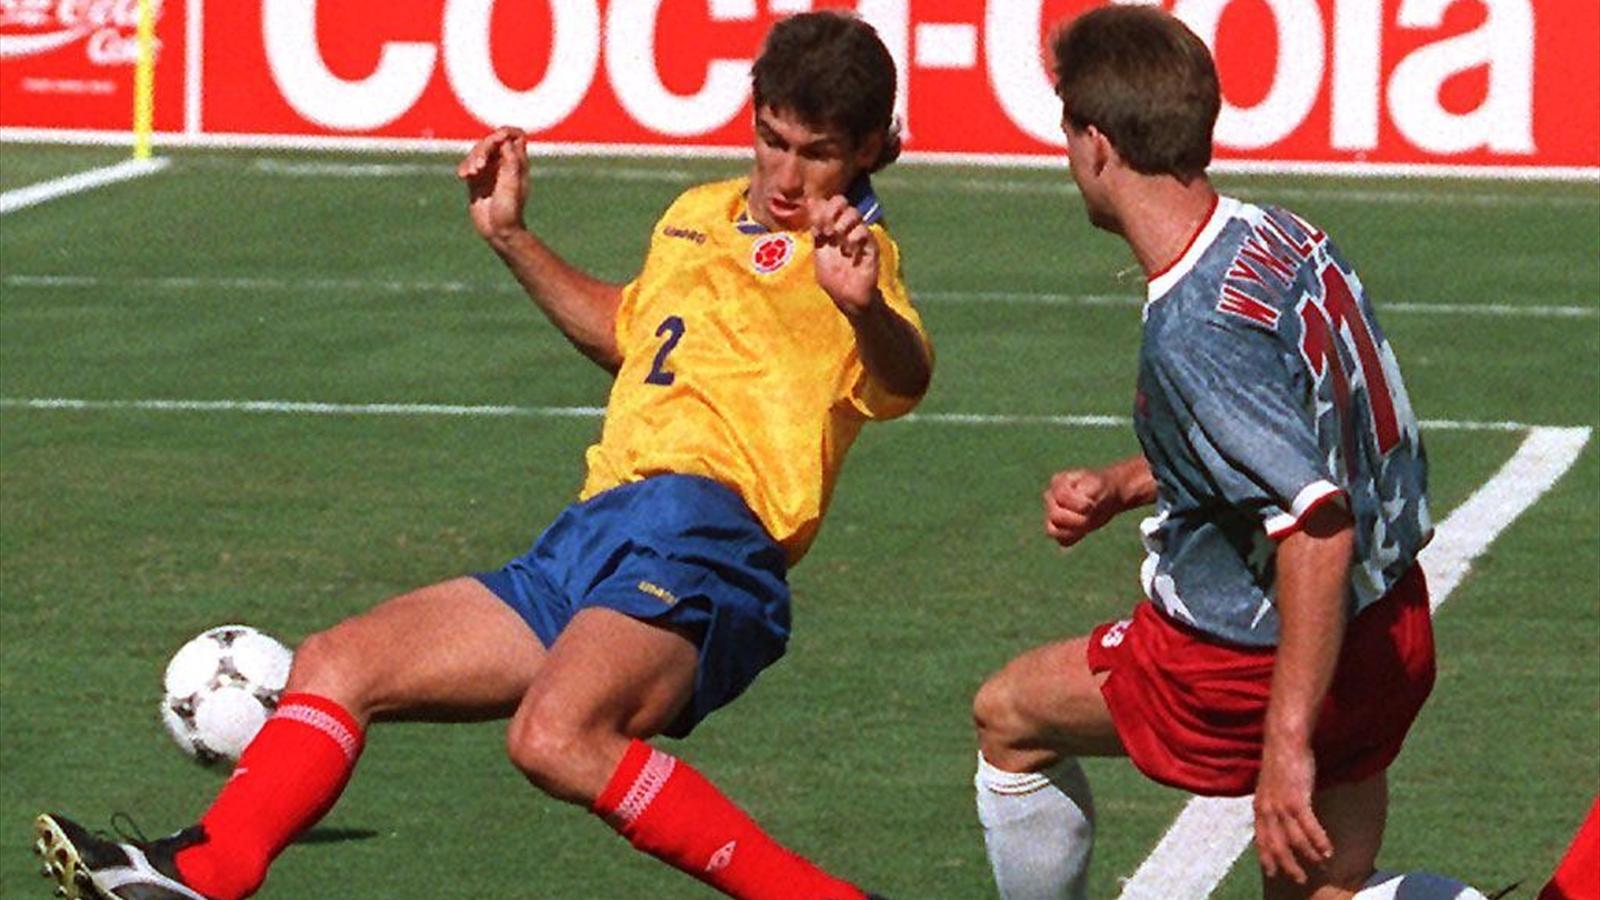 Andres escobar coupe du monde 1994 - Meilleur buteur coupe du monde 1994 ...